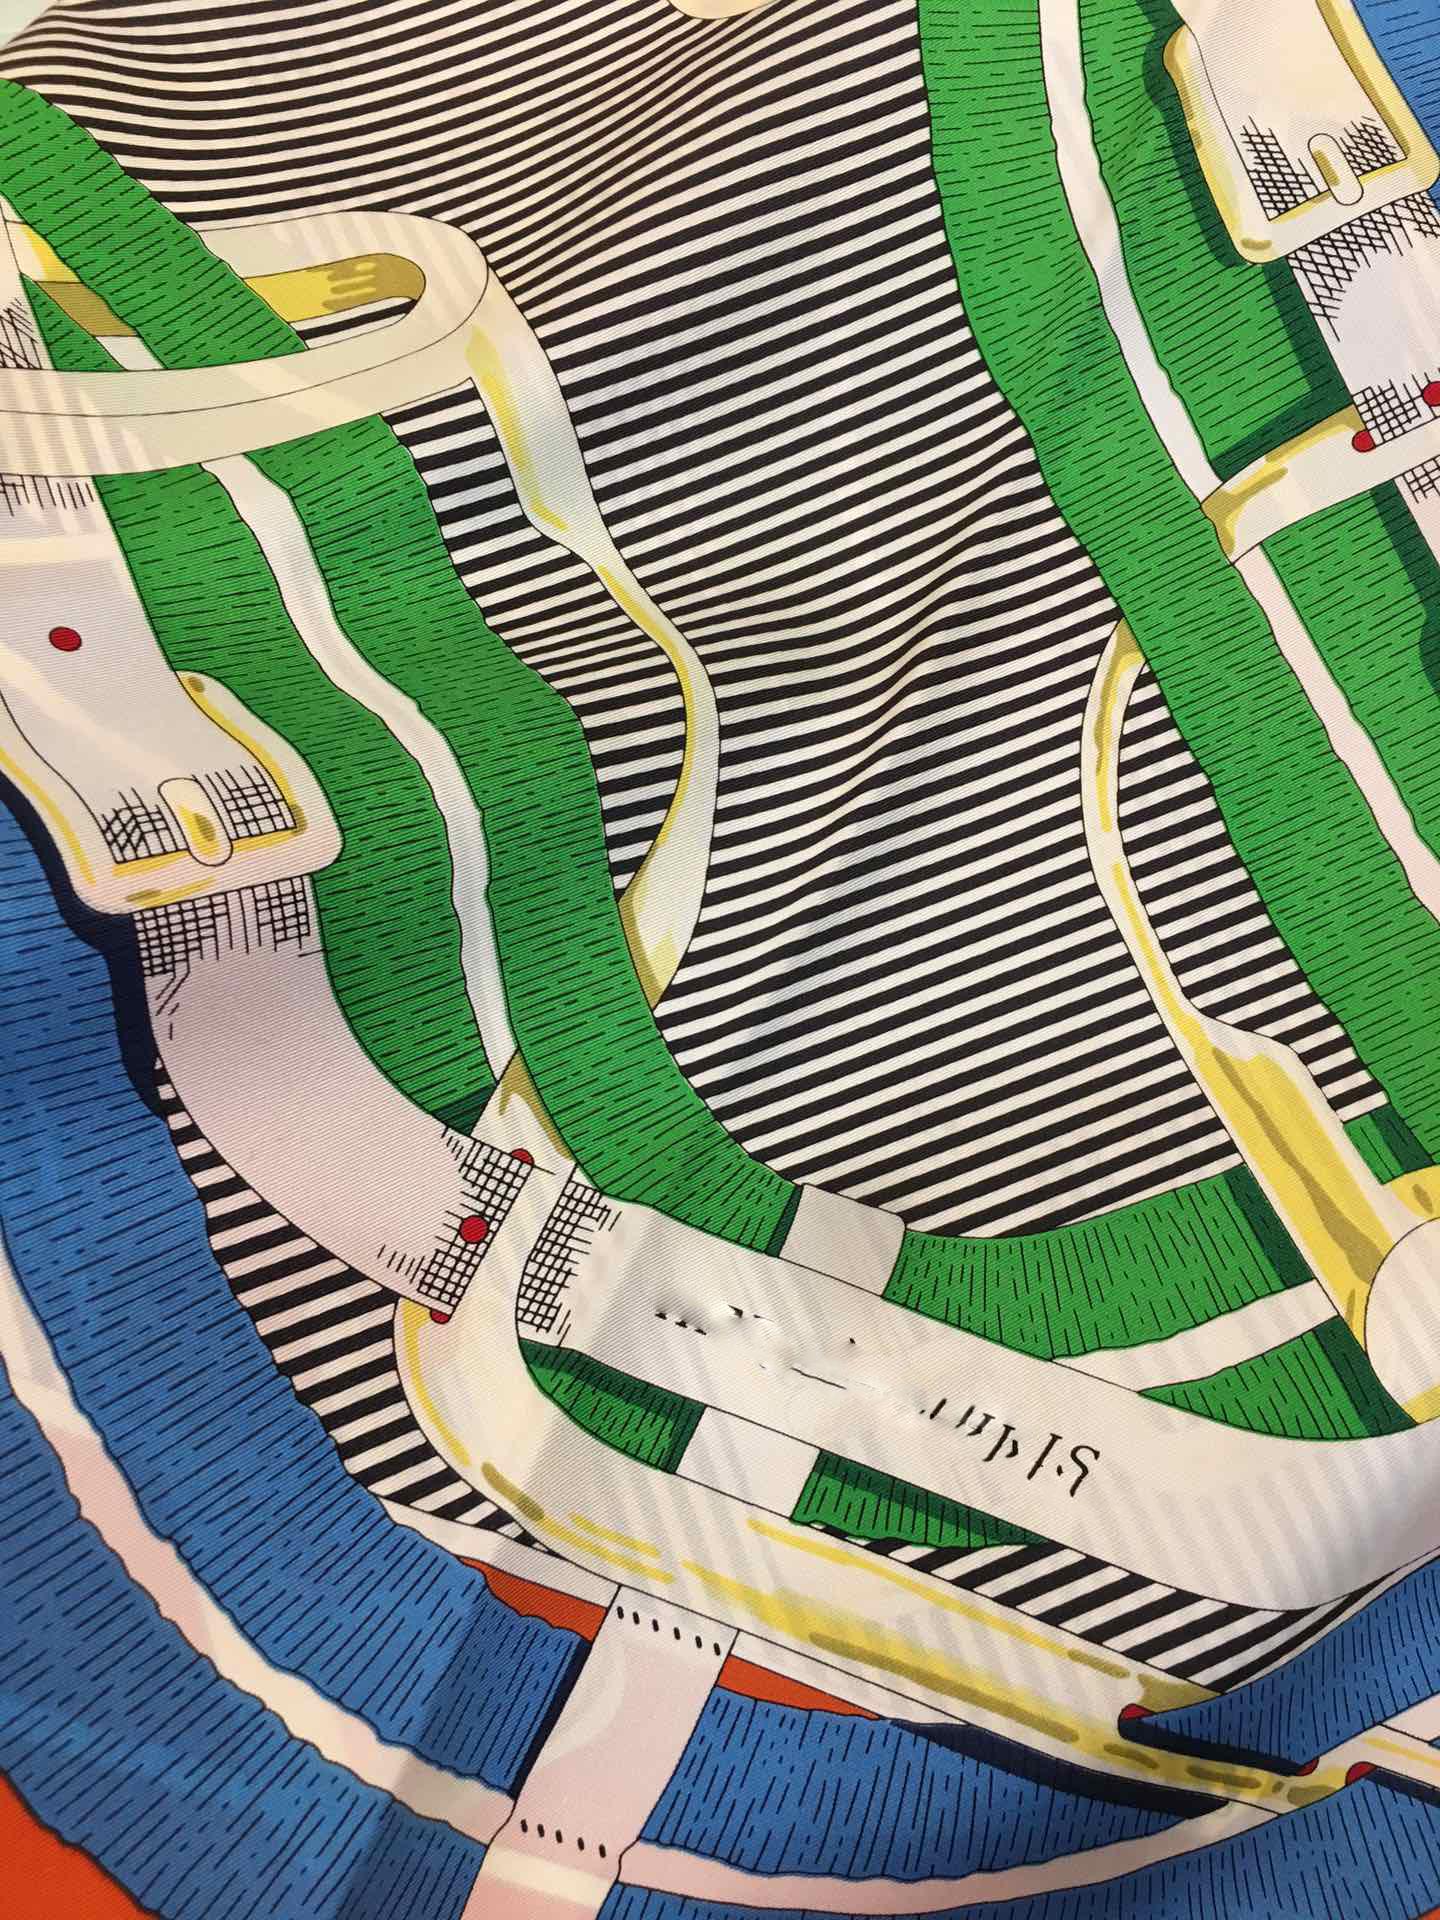 爱马仕真丝丝巾大方巾90*90 马嚼锁环衬衫 围巾批发杭州围巾生产厂家(图17)